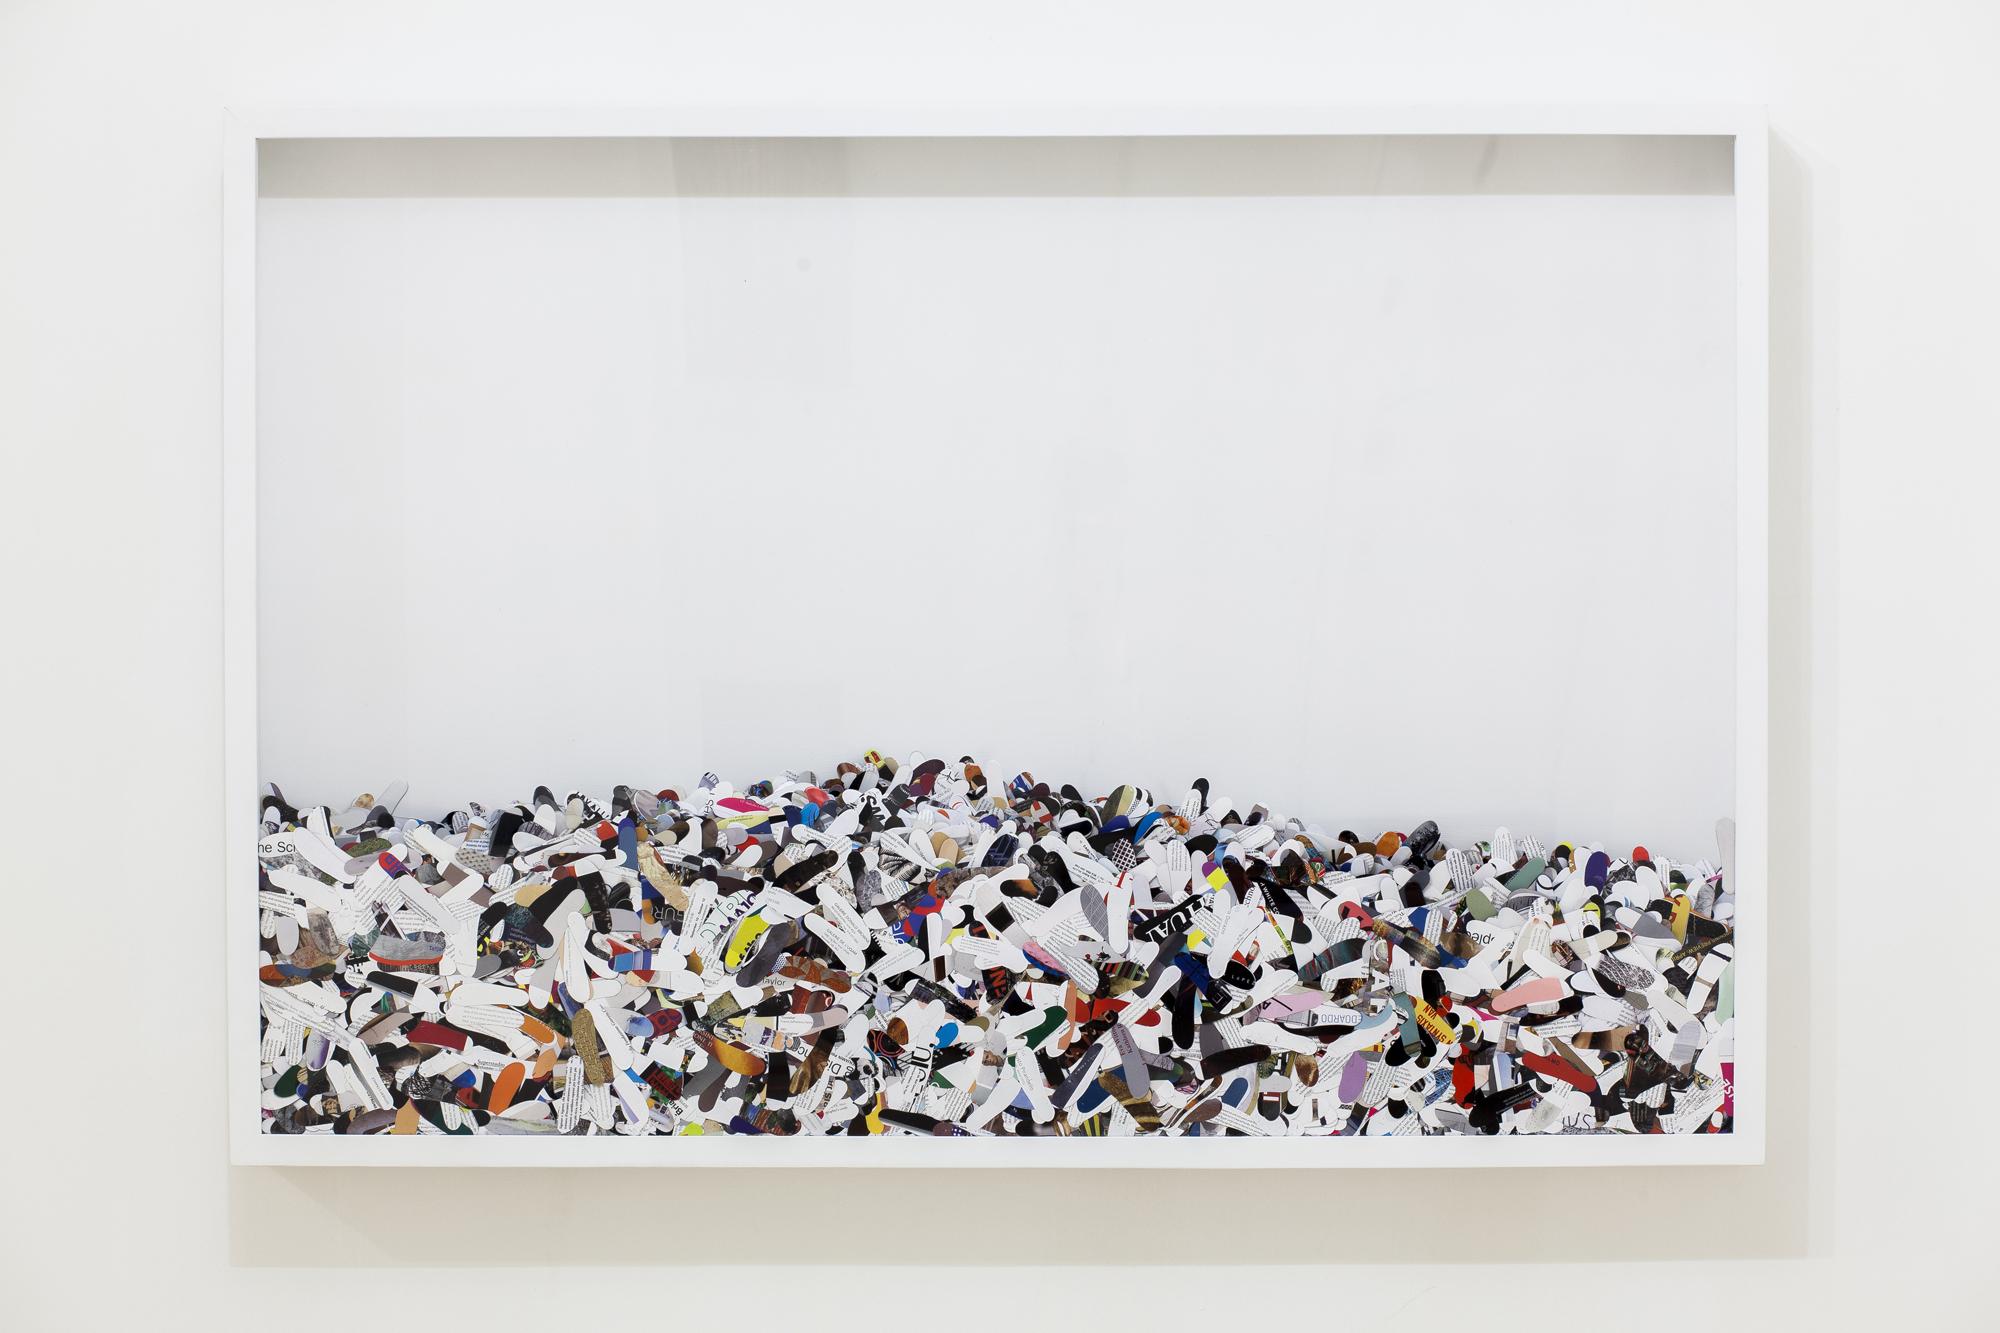 """""""Deambulazione e divagazione"""" 2015, teca in legno e plexiglass con impronte di carta, 100 x 145 x 10 cm"""